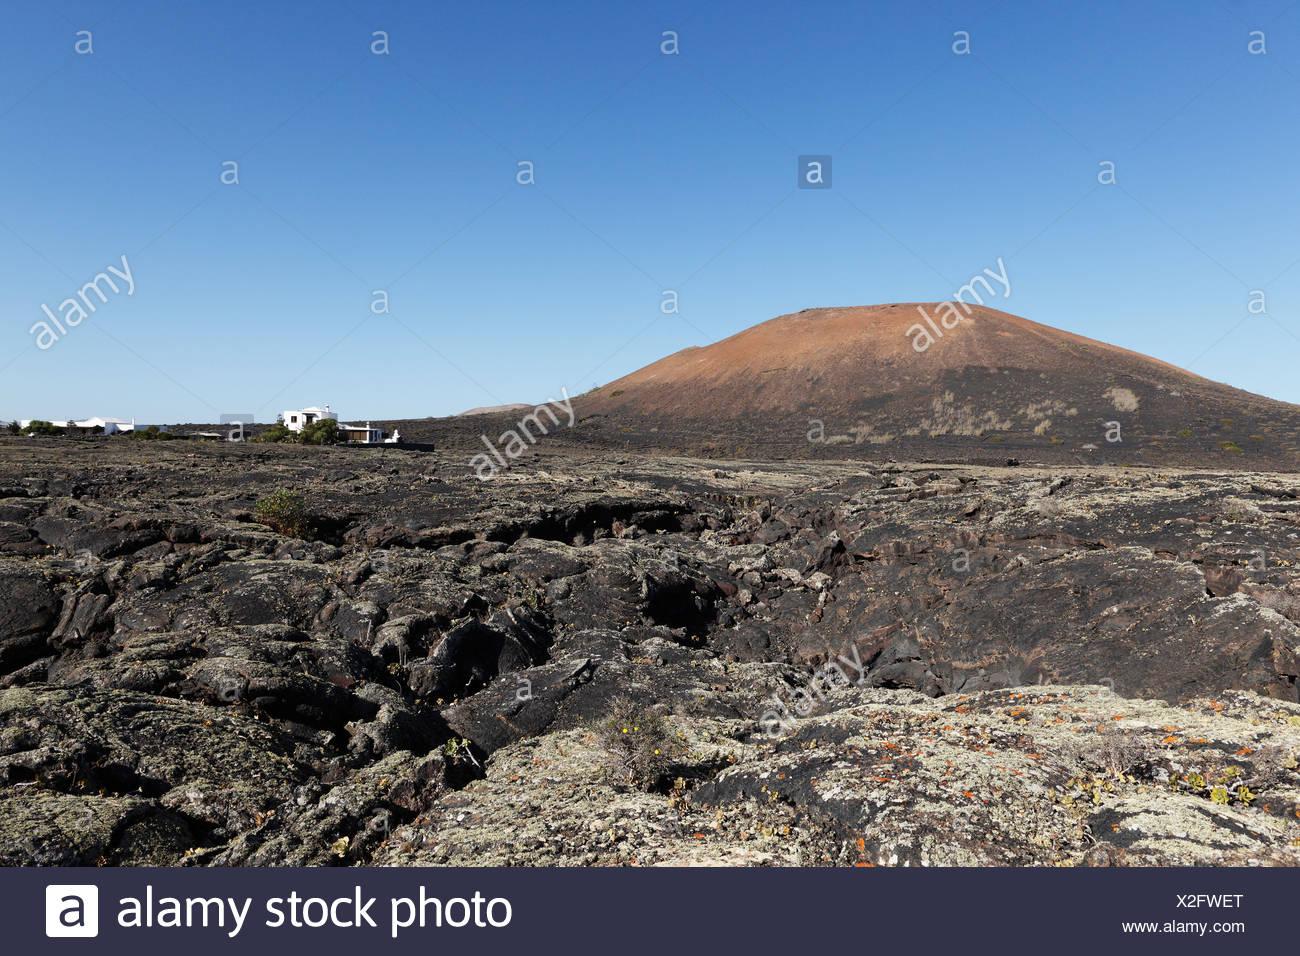 Lava field in Masdache, Montaña de Juan Bello volcano, La Geria, Lanzarote, Canary Islands, Spain, Europe - Stock Image